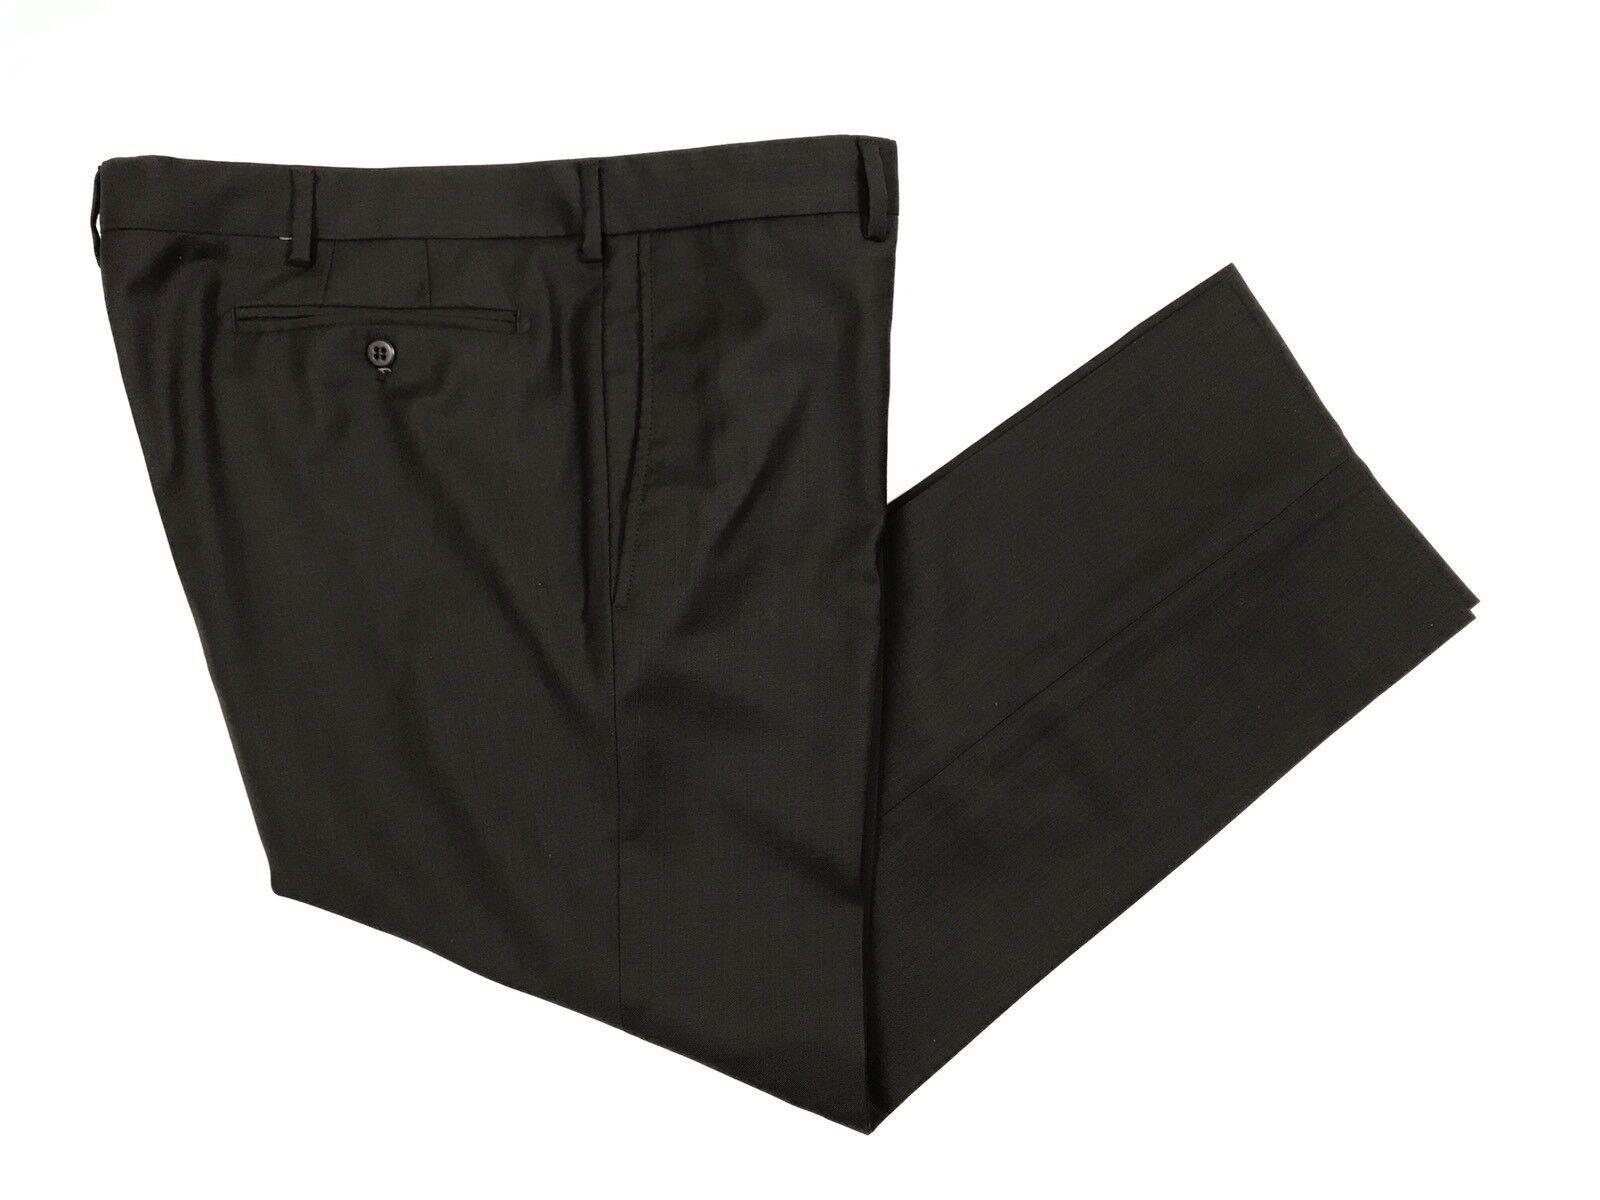 Zanella Men's Dark Brown Flat Front Slim Fit Devon Dress Pants 36W 27L